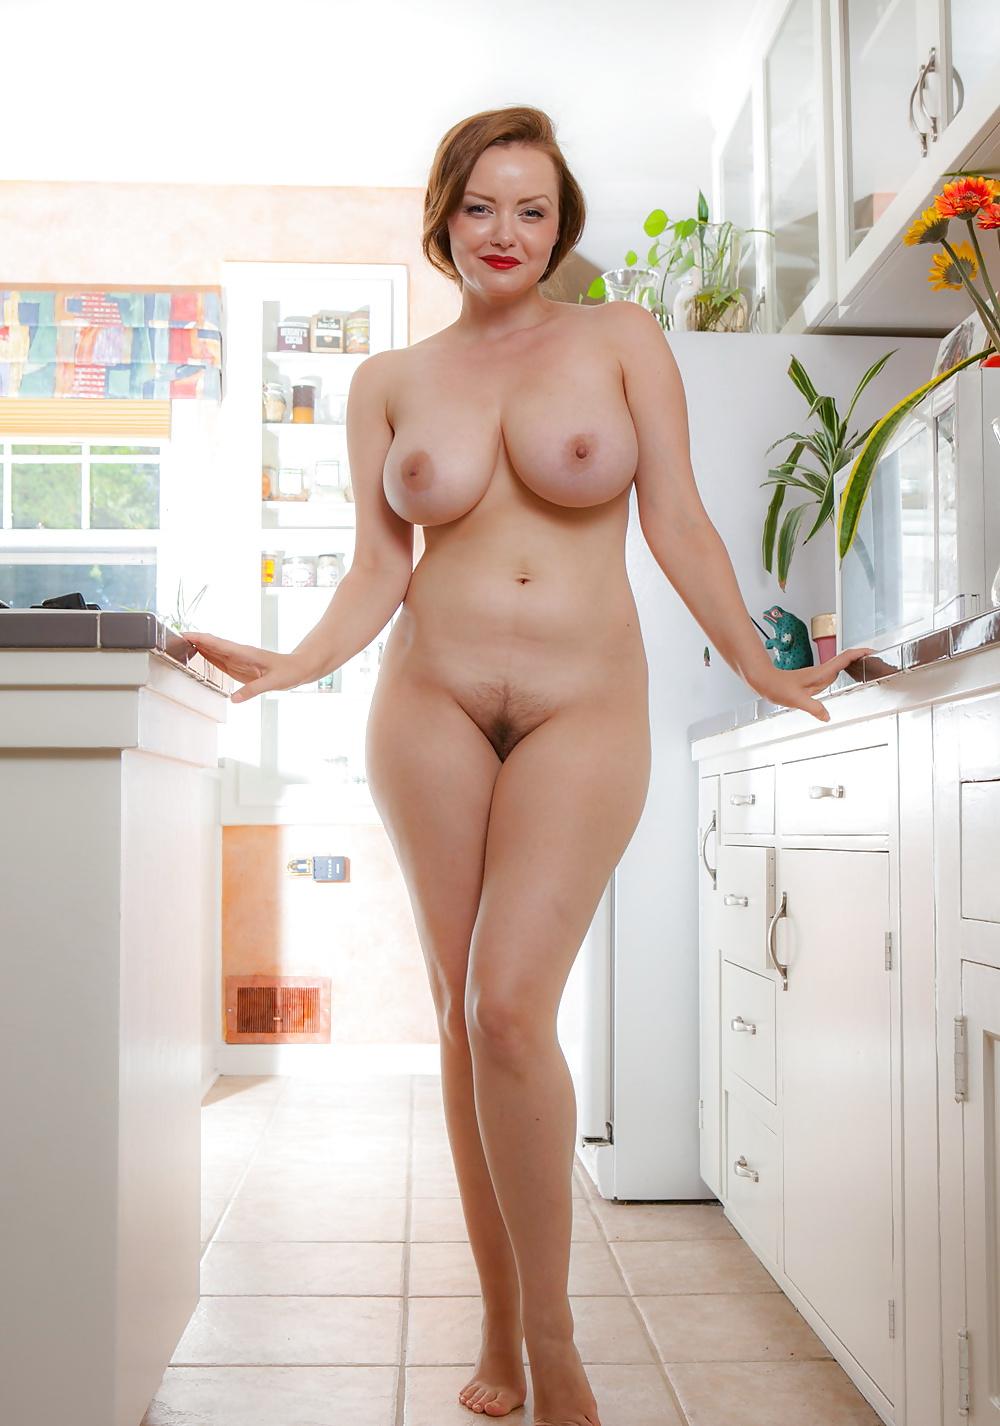 Отодрала парня фото голых мамочек домохозяек